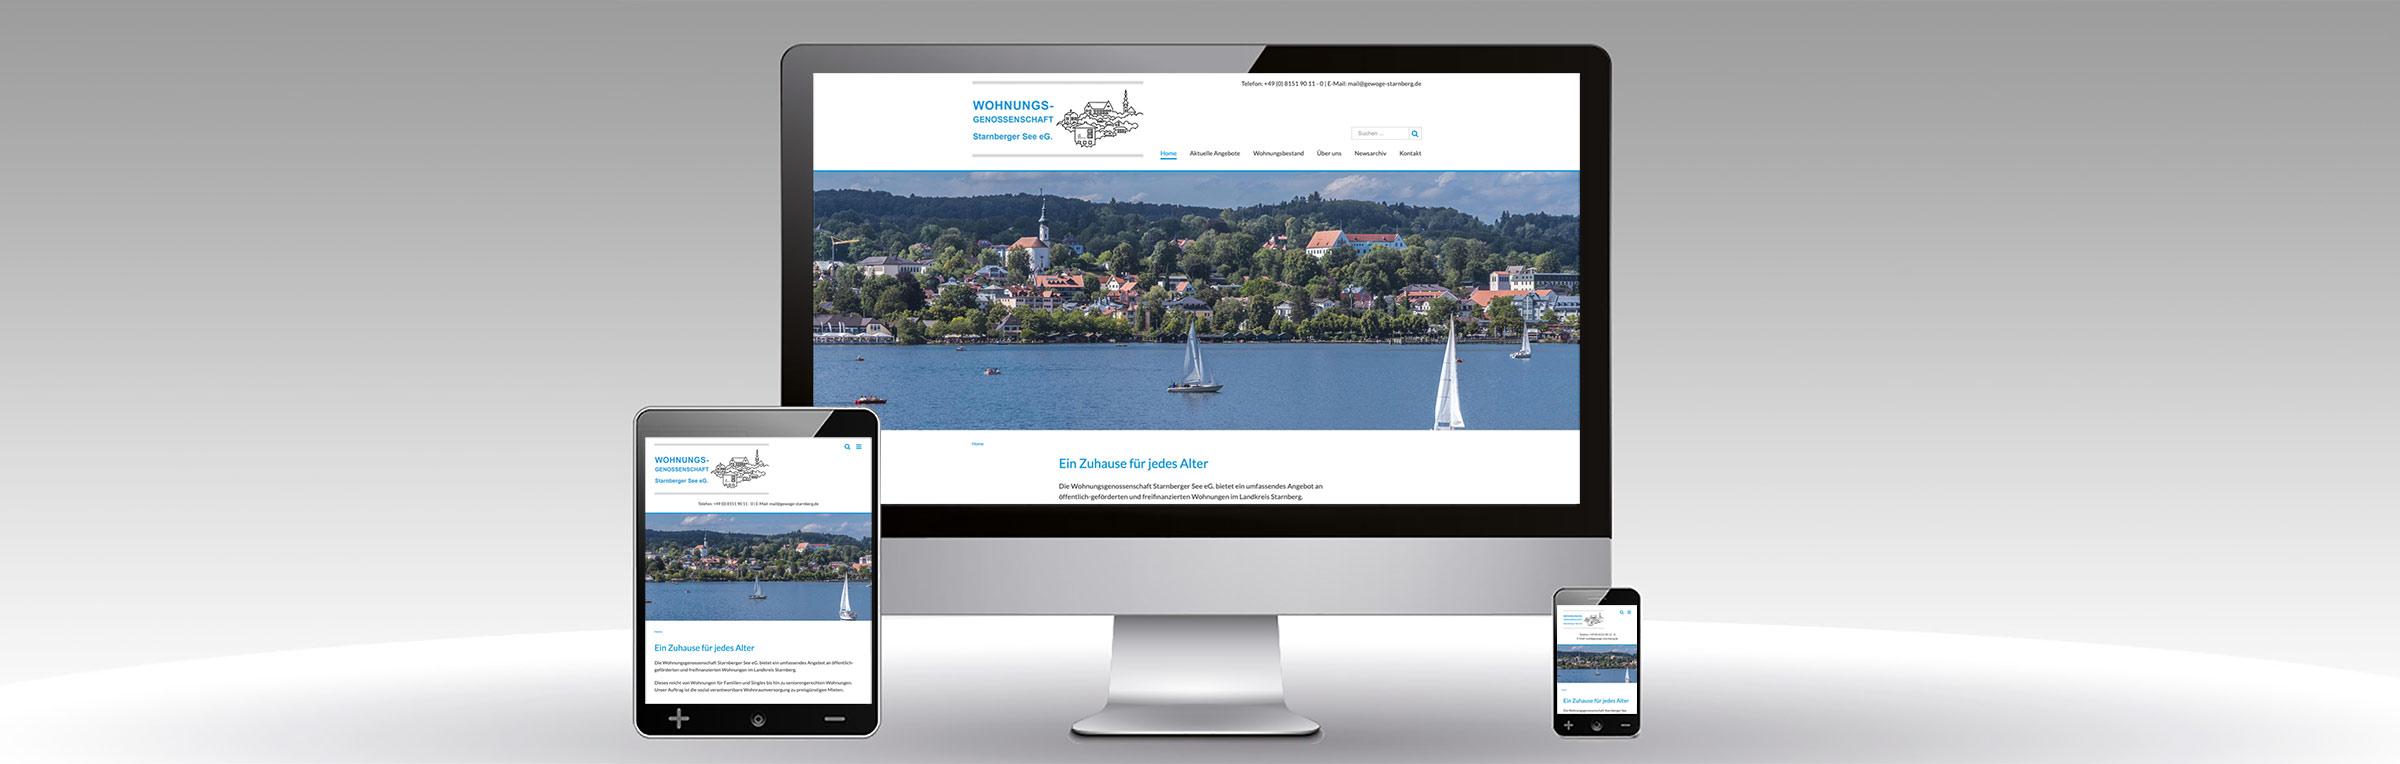 Professionelle Website Wohnungsgenossenschaft